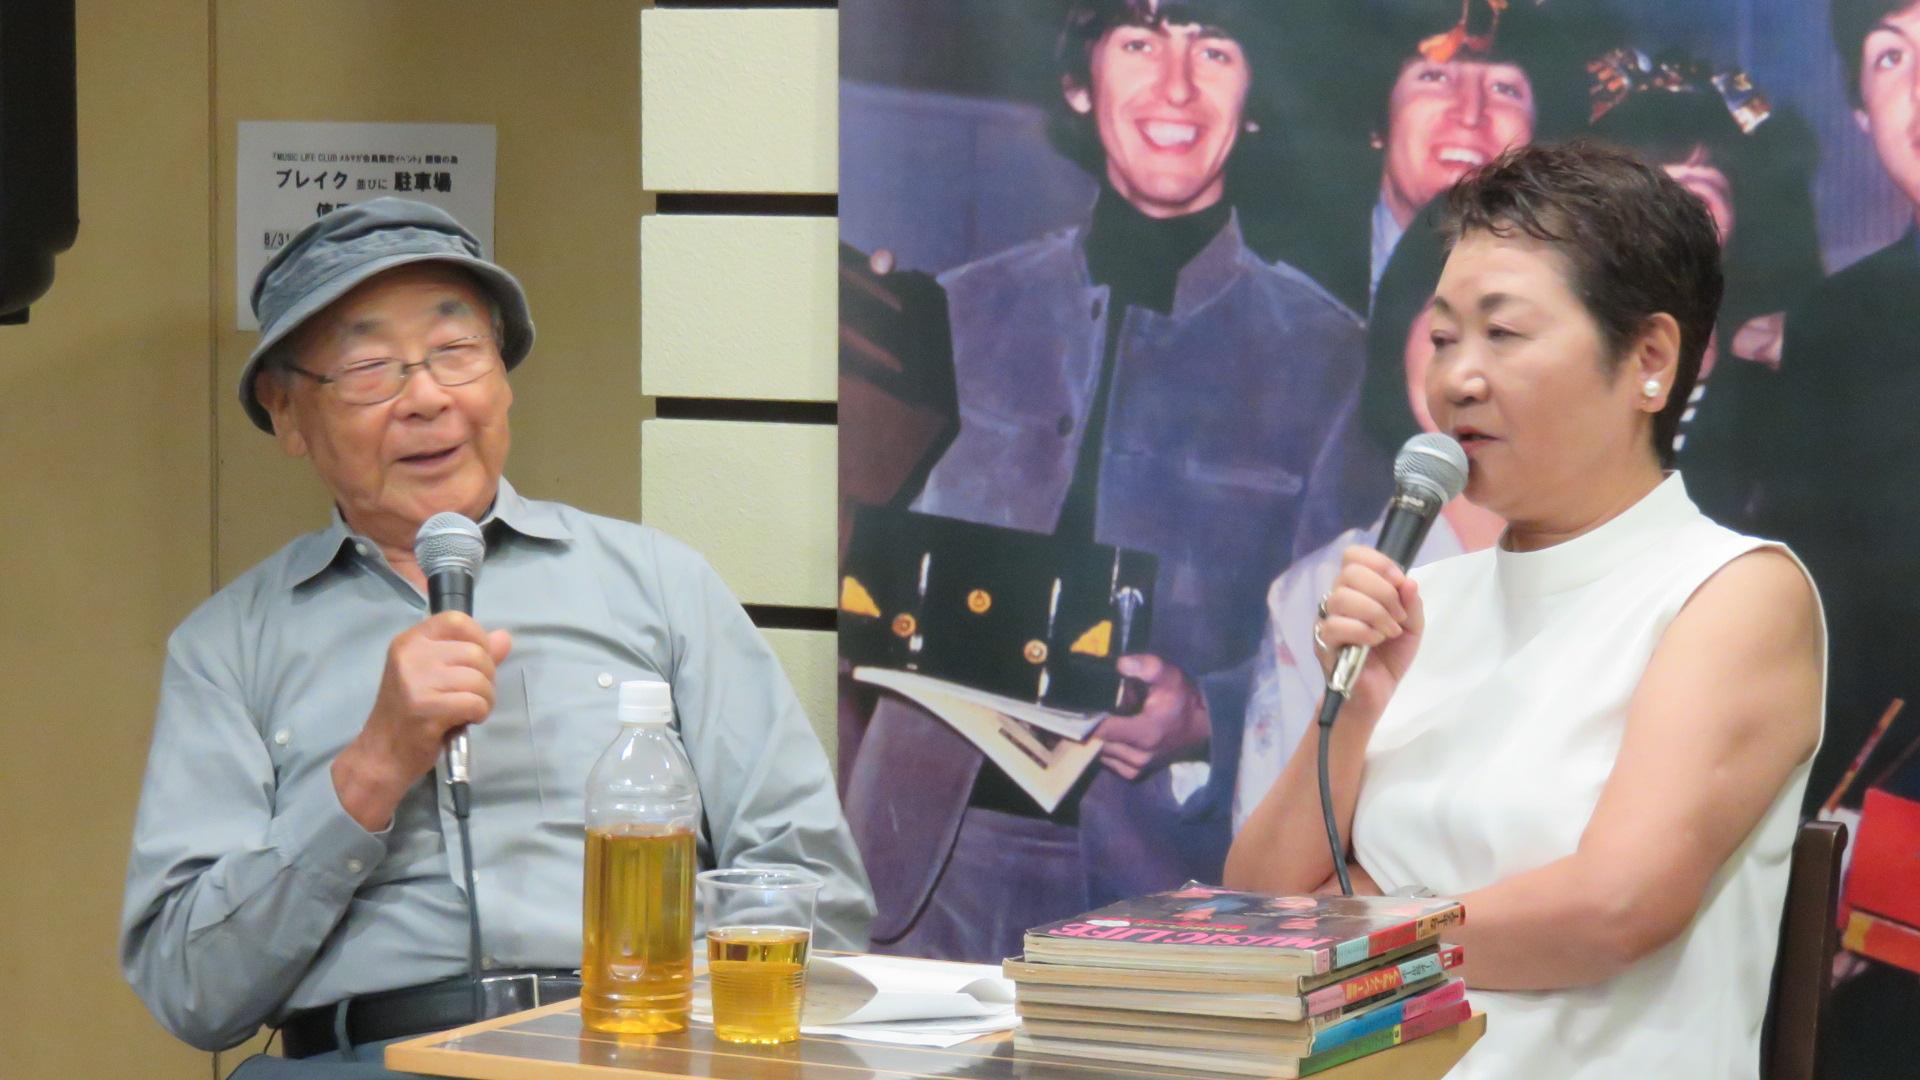 MUSIC LIFE CLUB発足記念 東郷かおる子トークイベント・レポート PART 2